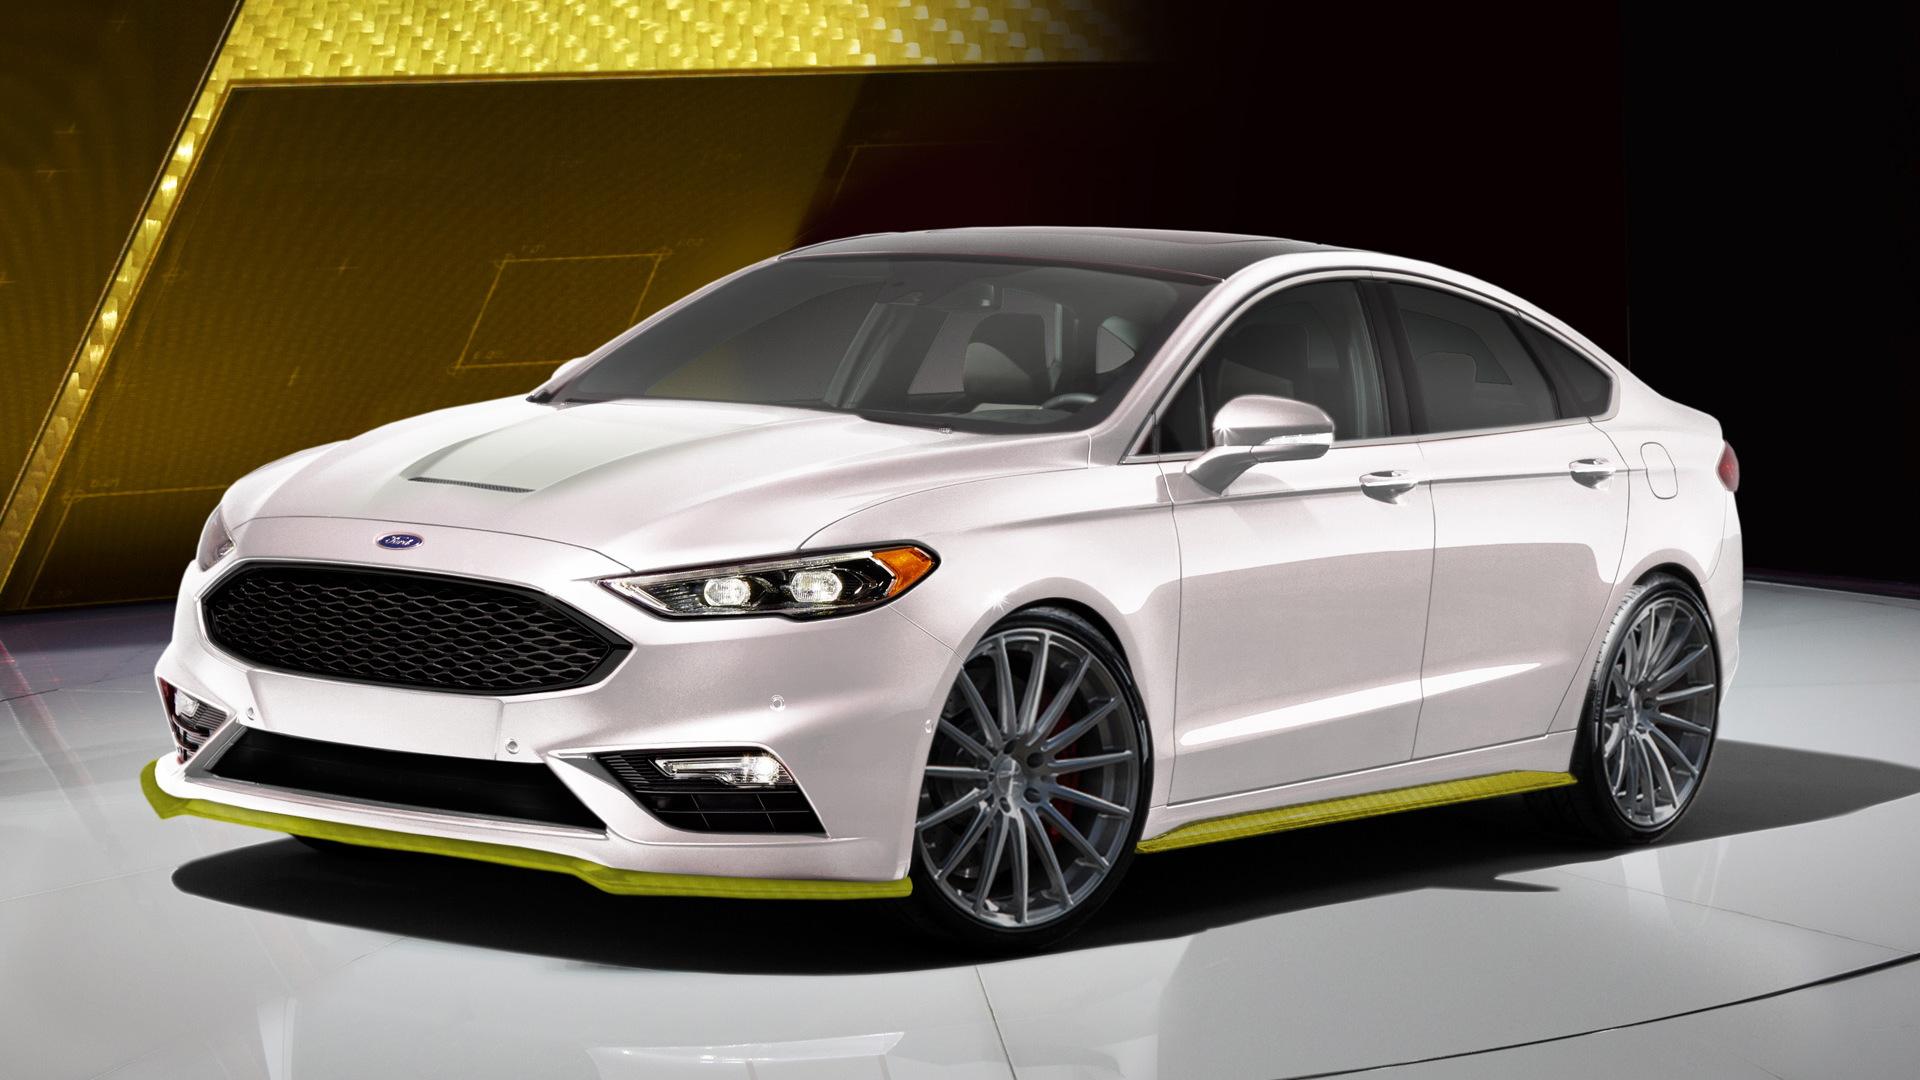 2017 Ford Fusion Sport Ballistic by Webasto Thermo & Comfort North America, 2016 SEMA show